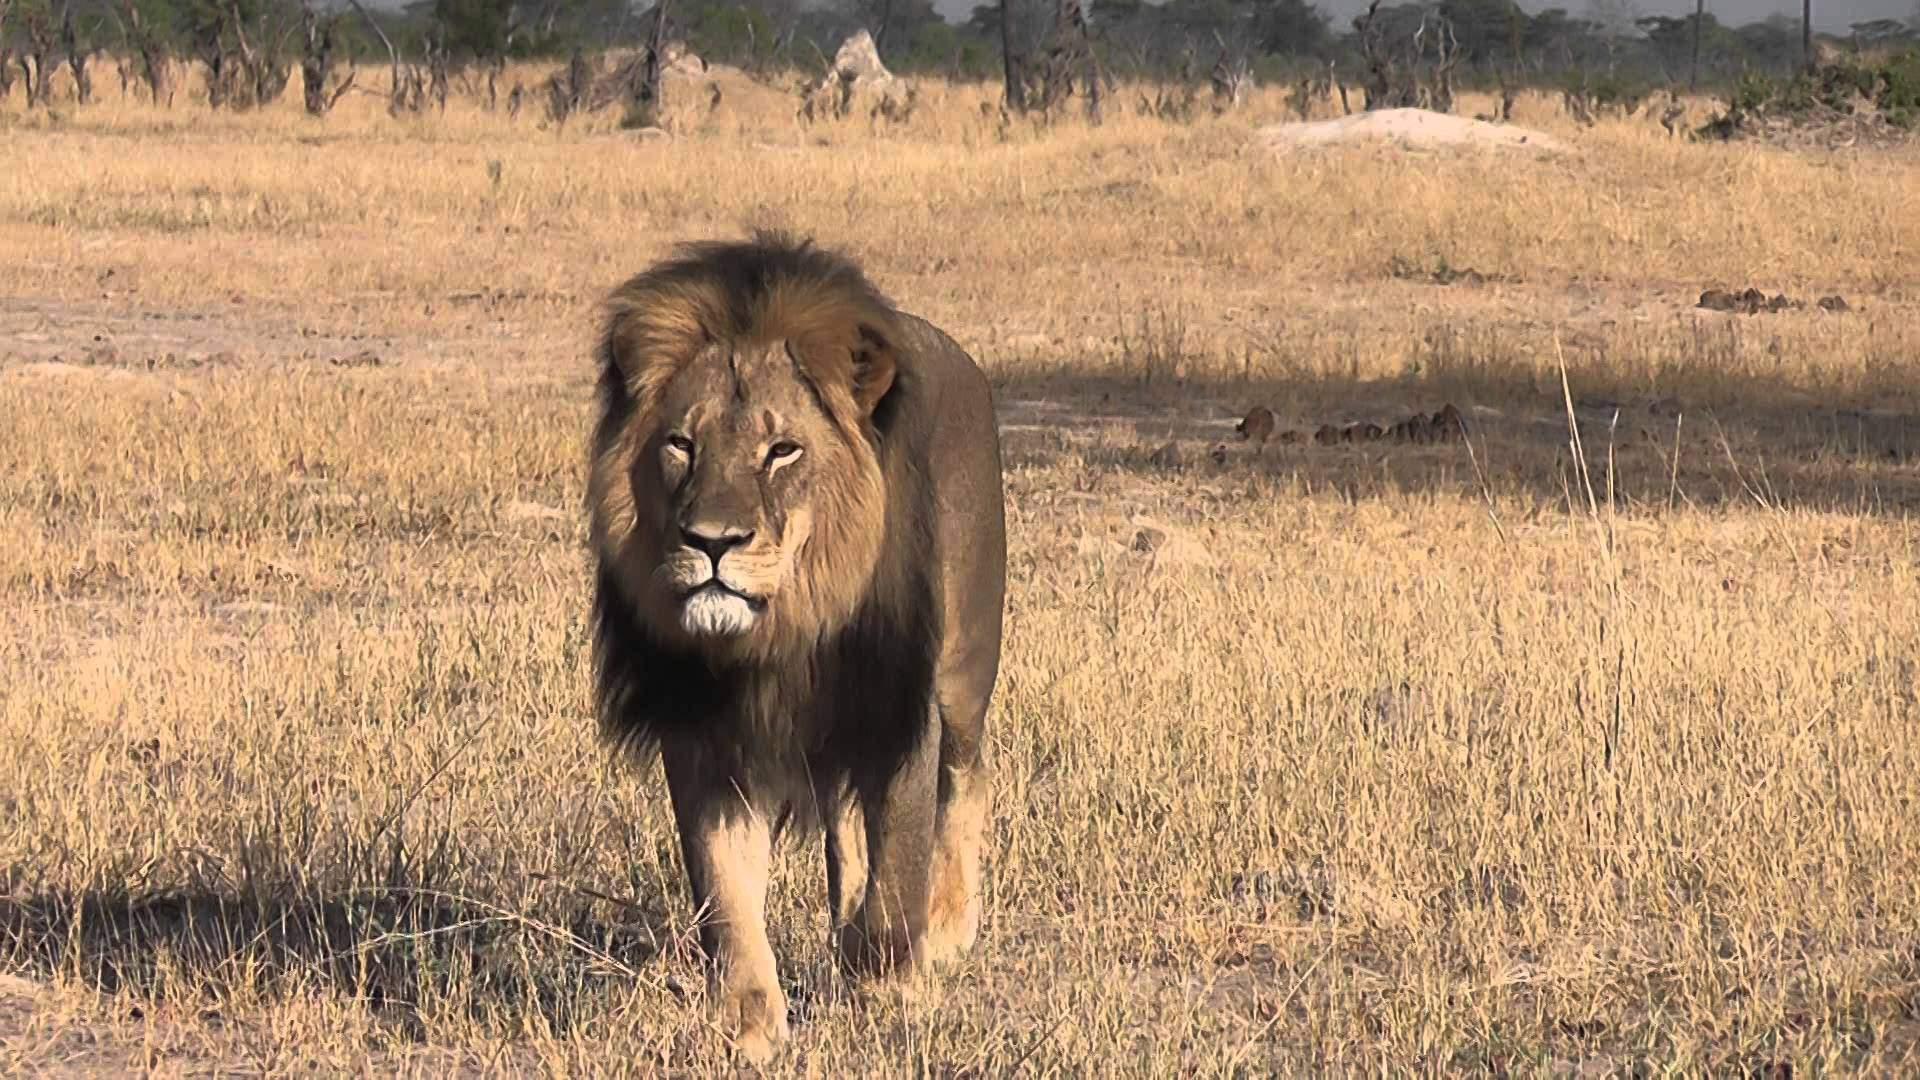 El león era una de las principales atracciones del Parque Nacional de Hwange en Zimbabue